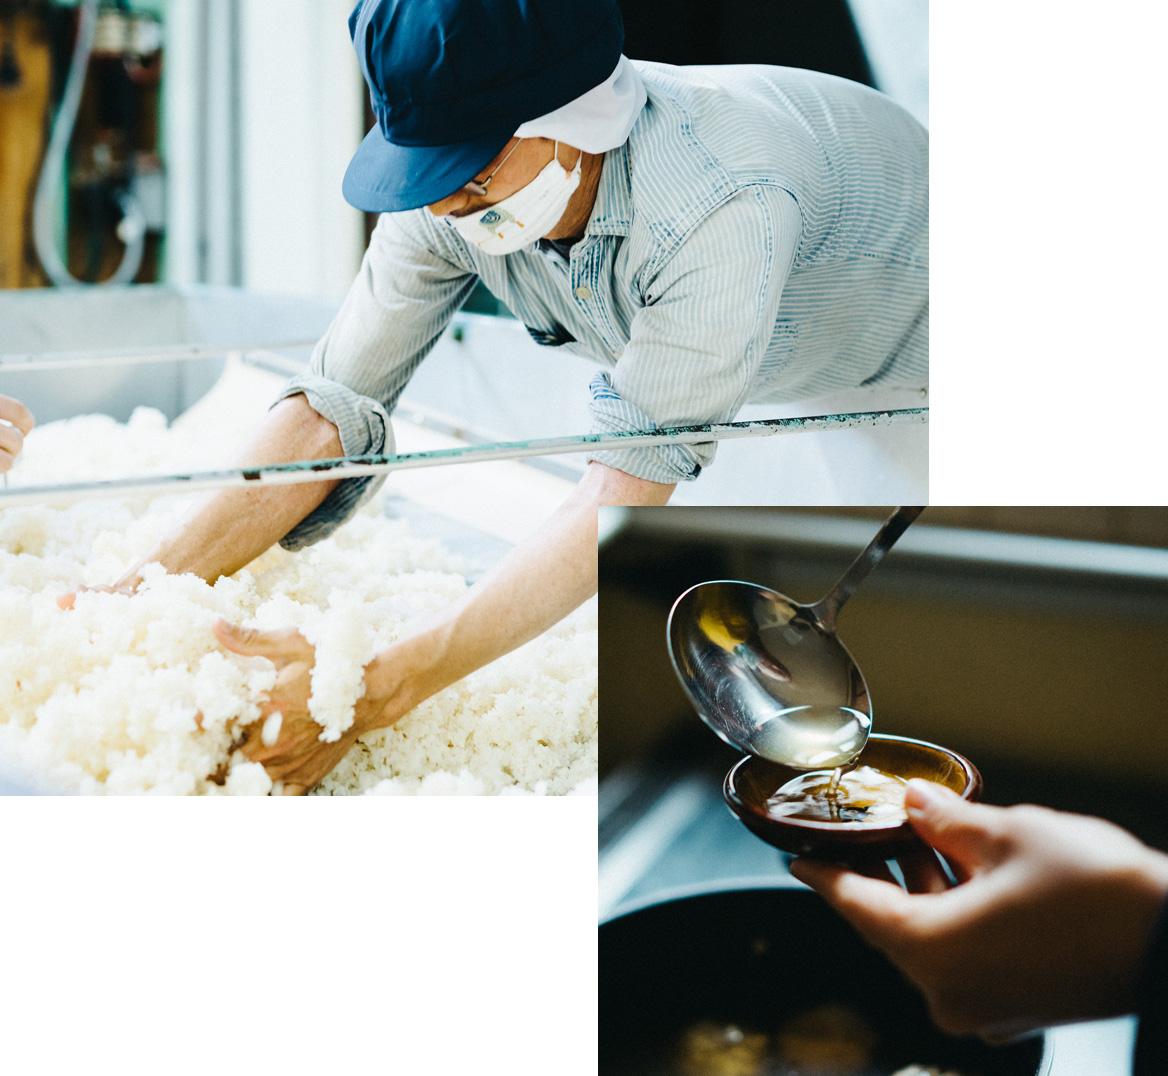 純米酒と同じ製法